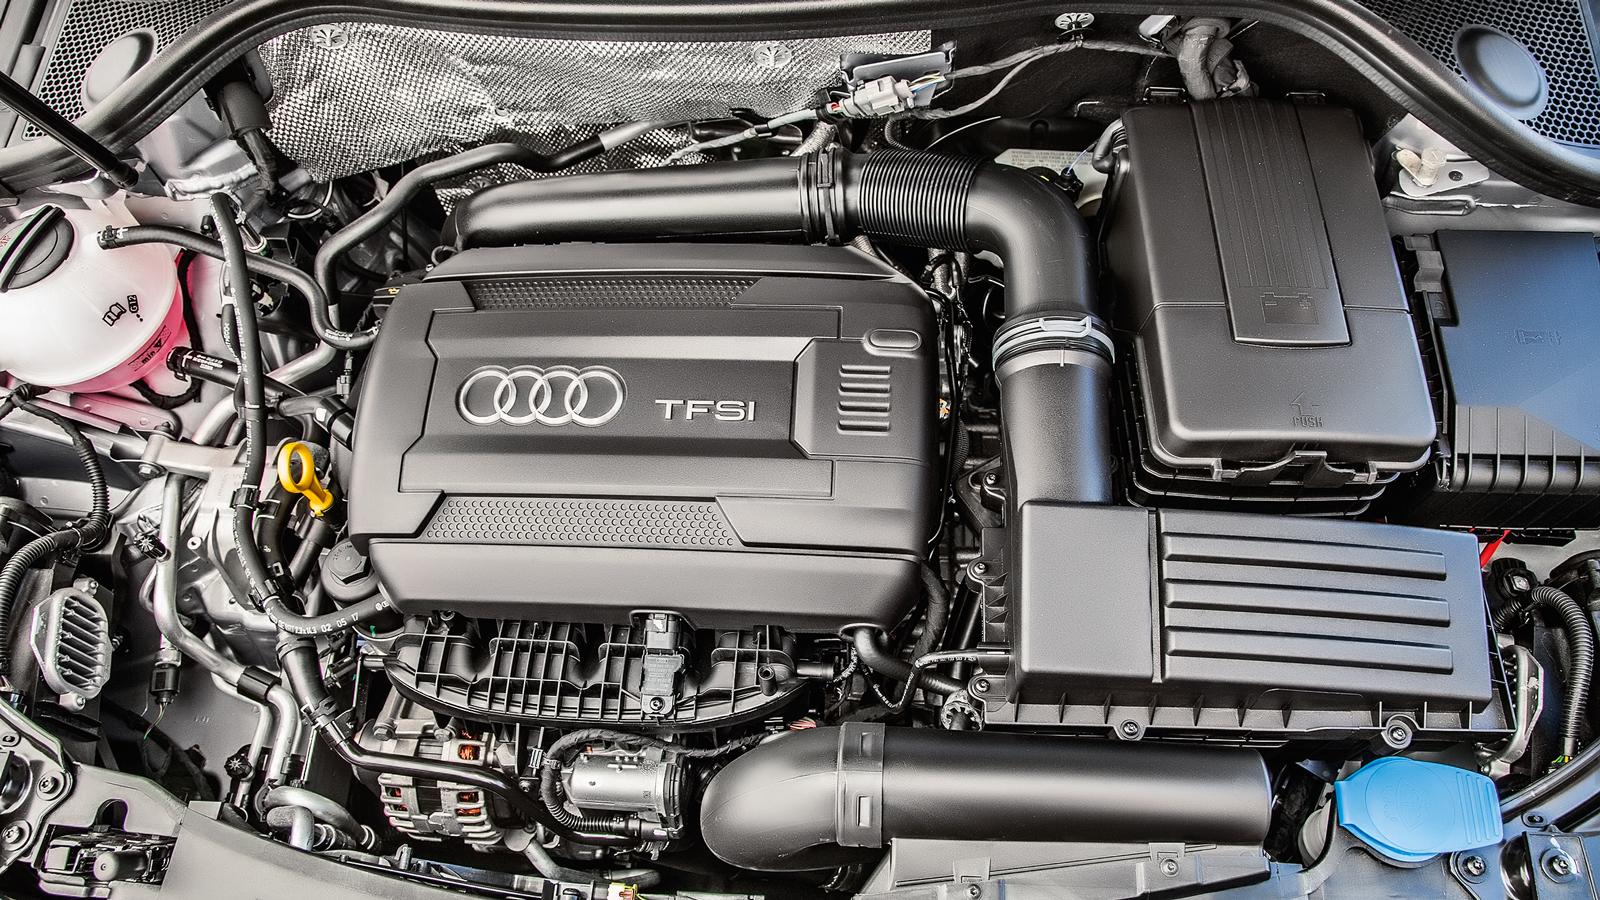 Motor de 220 cv e câmbio de sete marchas são os mesmos do Golf GTI